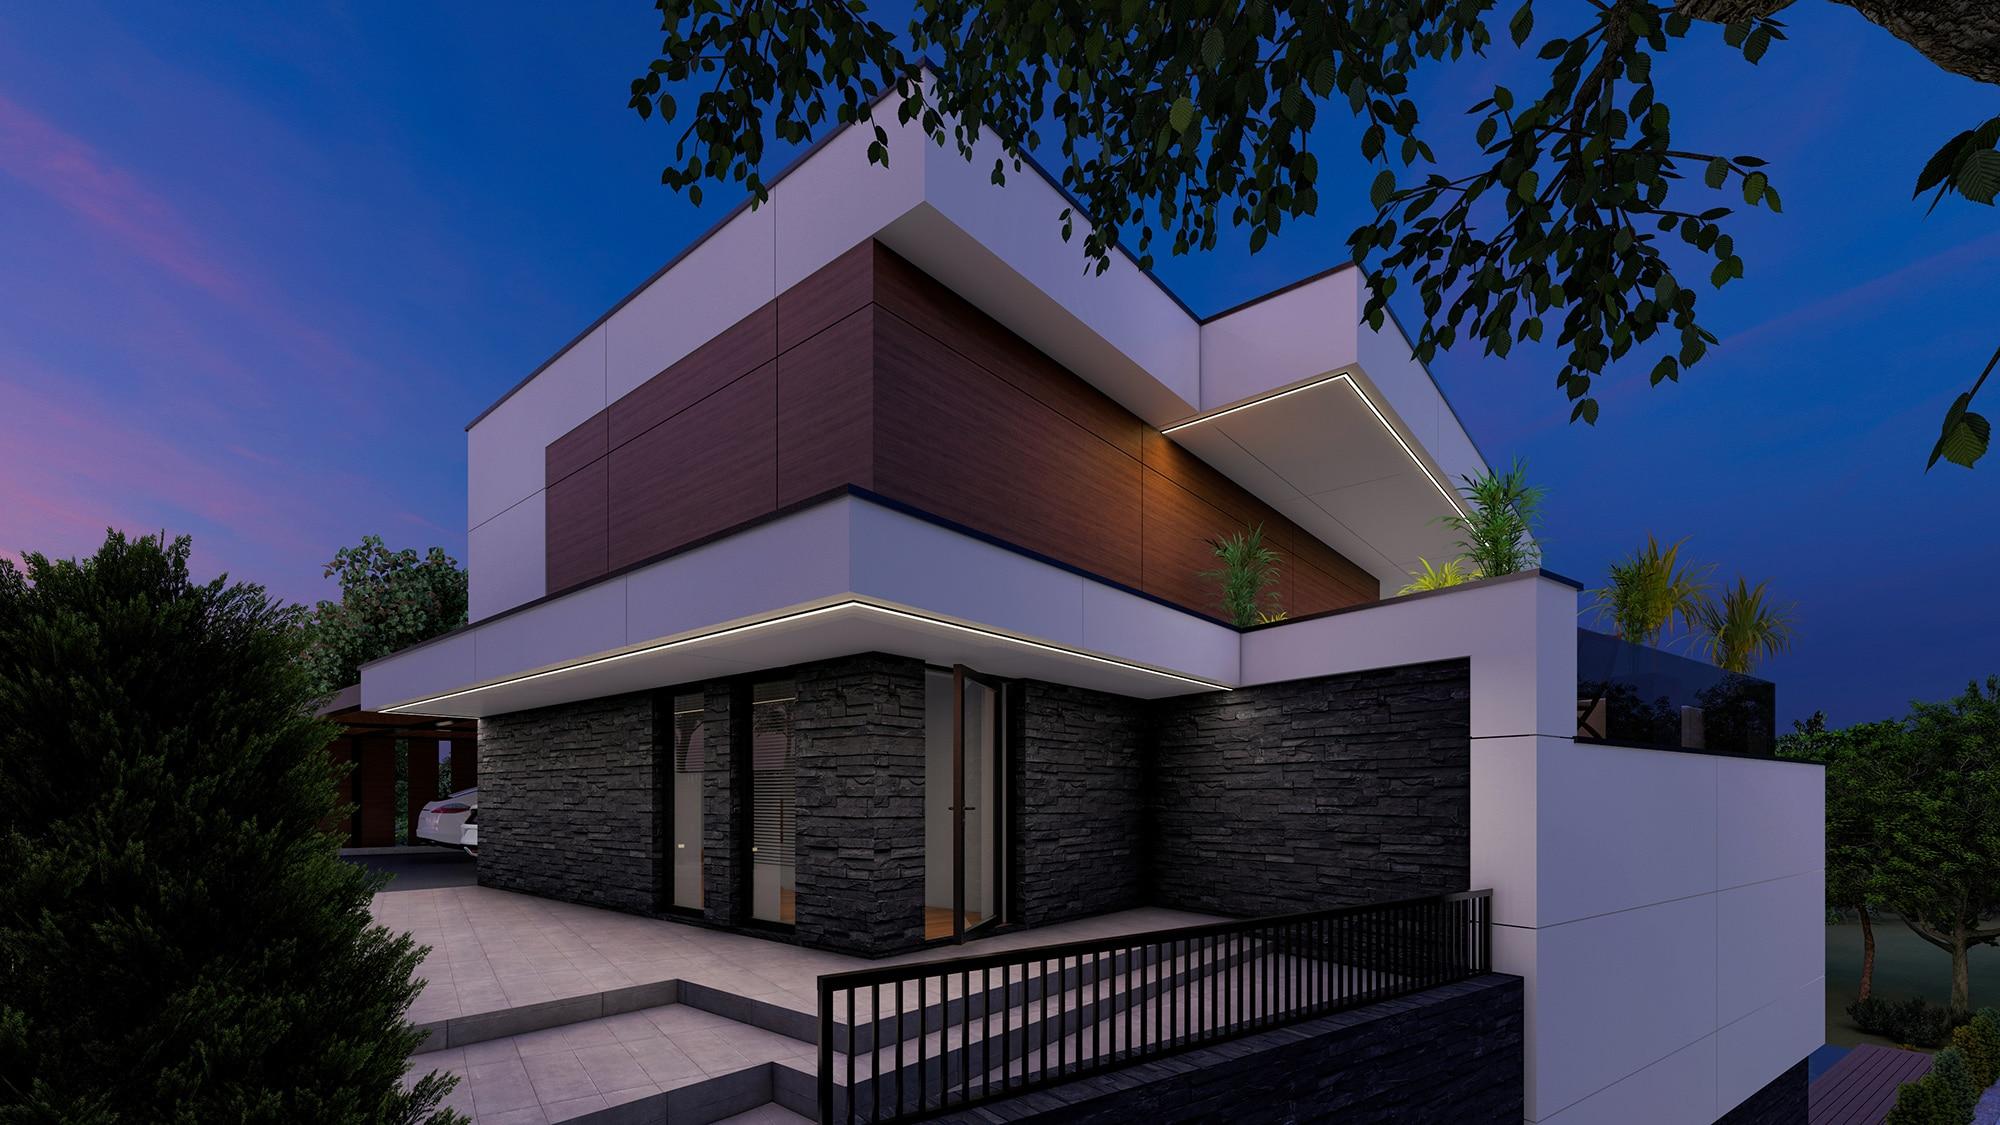 Proiect arhitectural stilului contemporan cu gradina si bazin